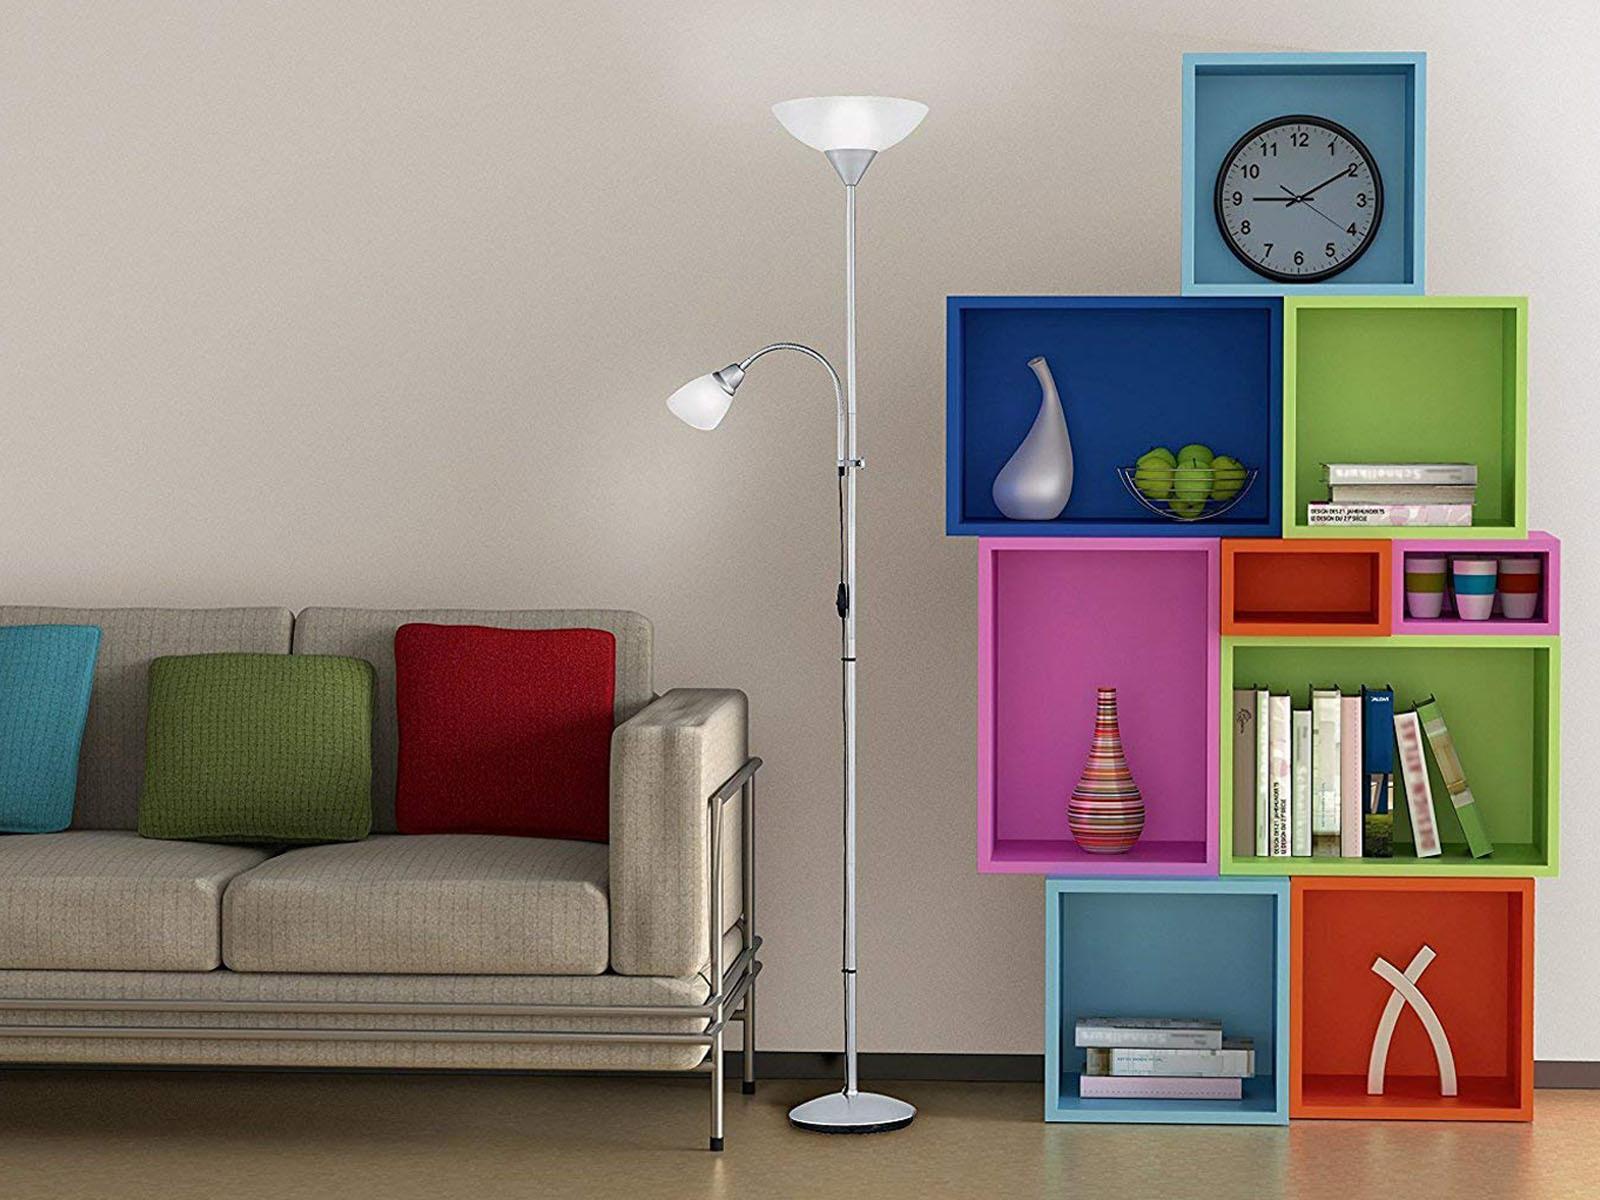 Moderne Standlampen mit rundem Schirm in weiß Deckenfluter fürs Wohnzimmerlampen